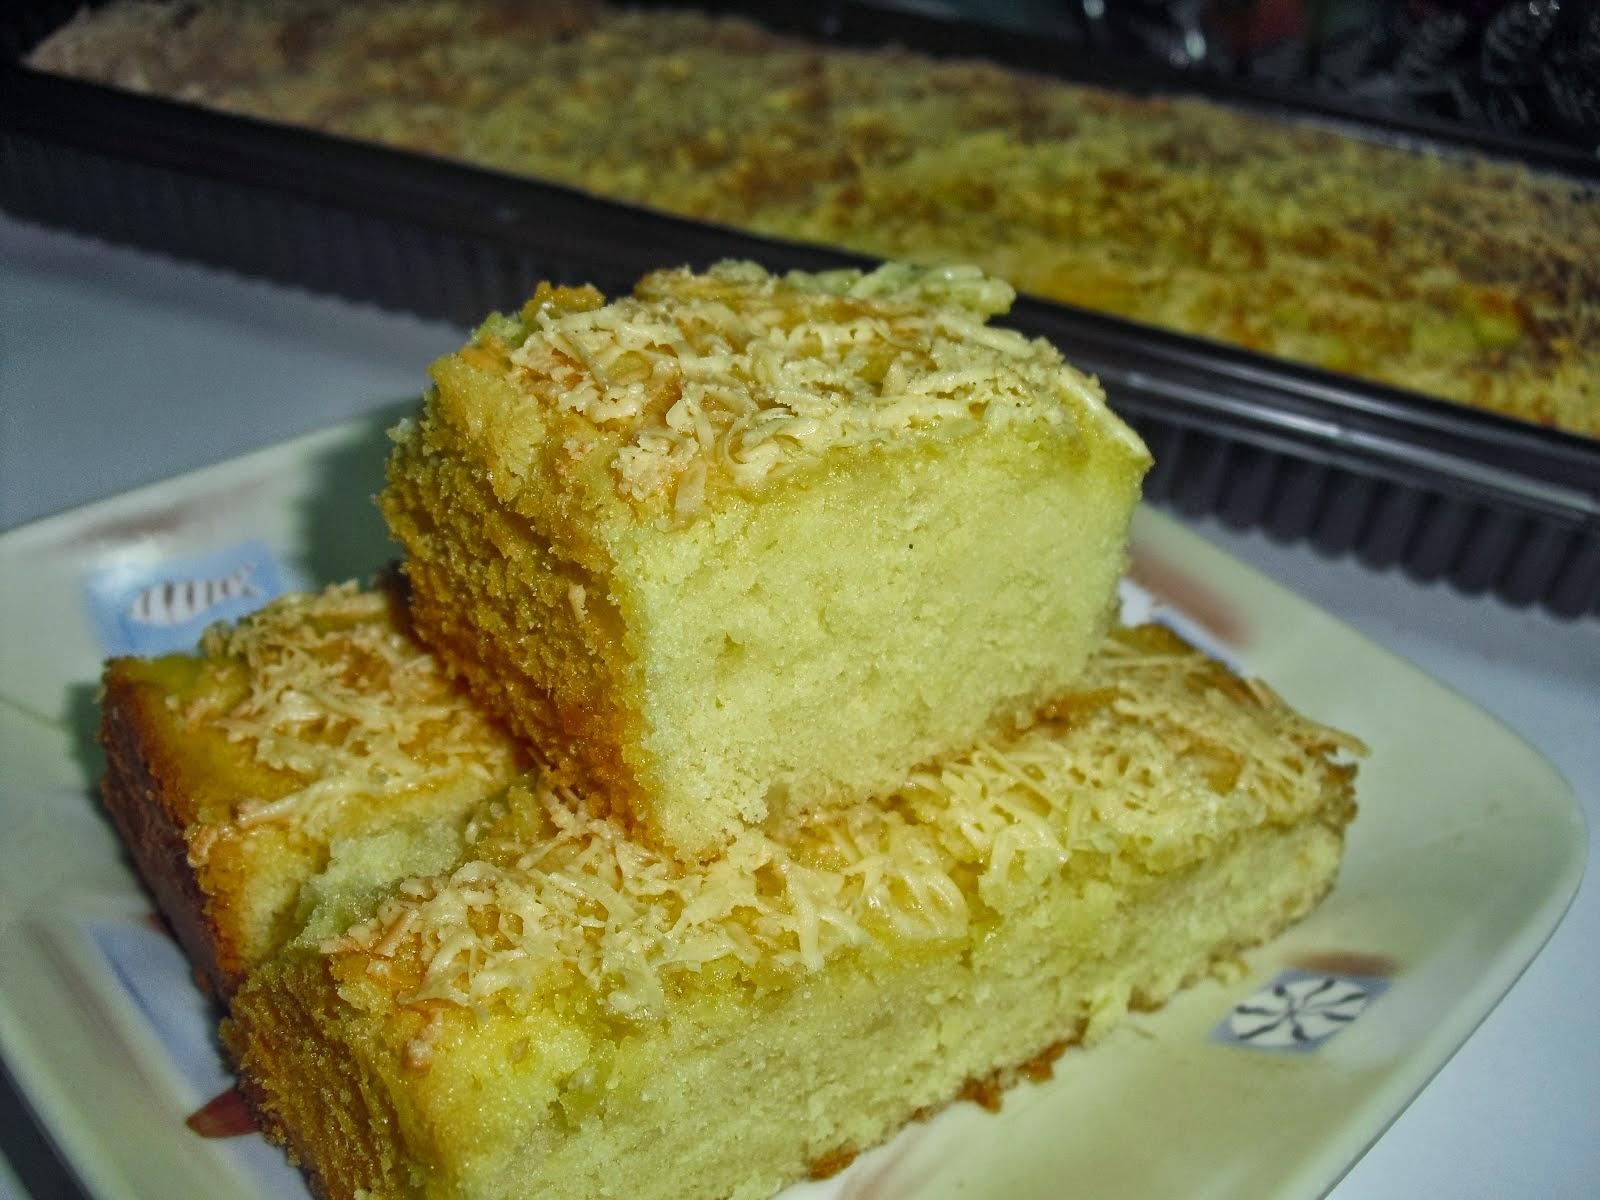 Cake Bolu tape singkong nikmat